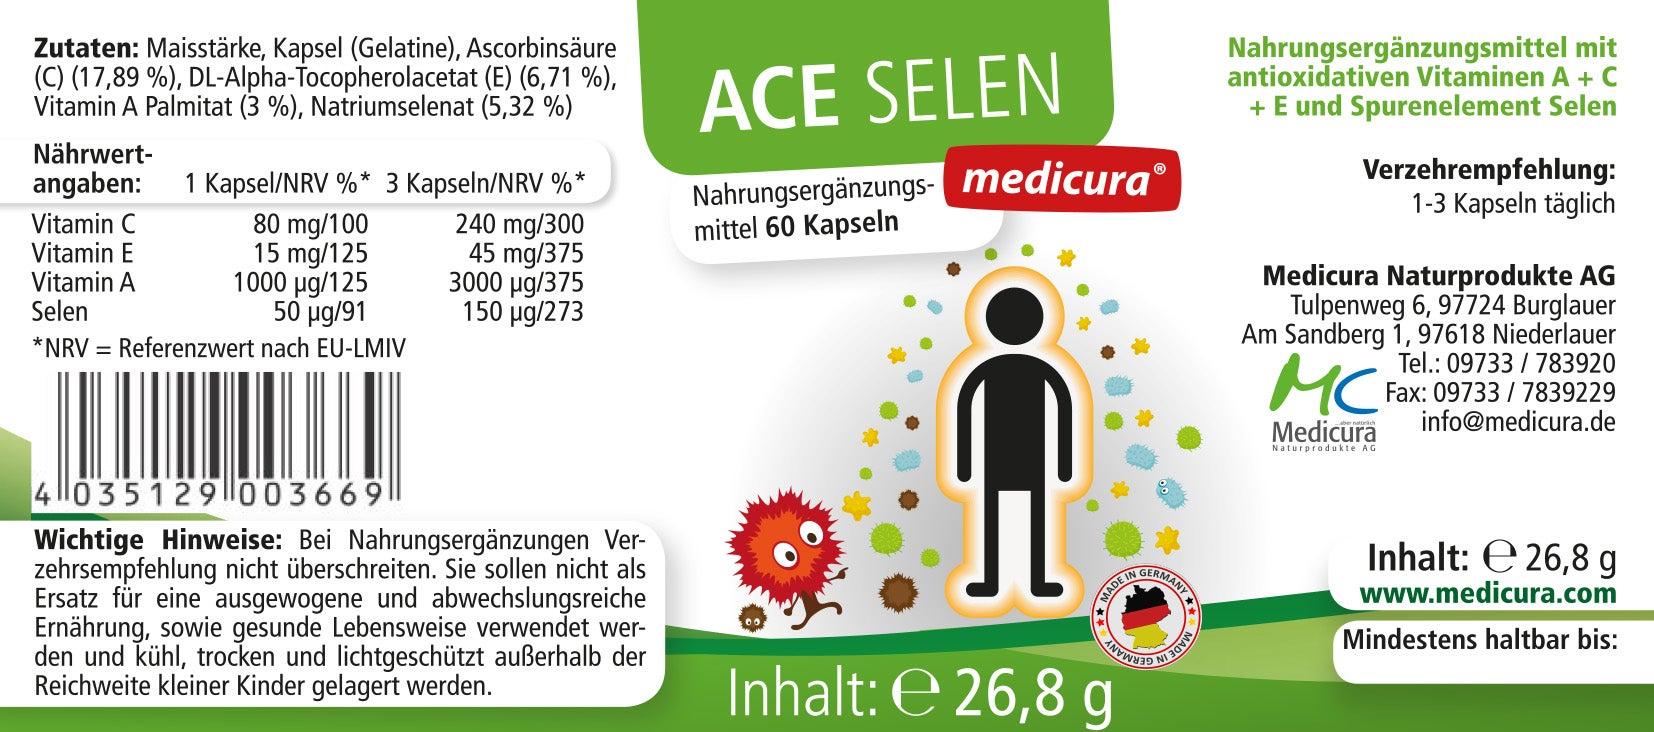 ACE + Selen